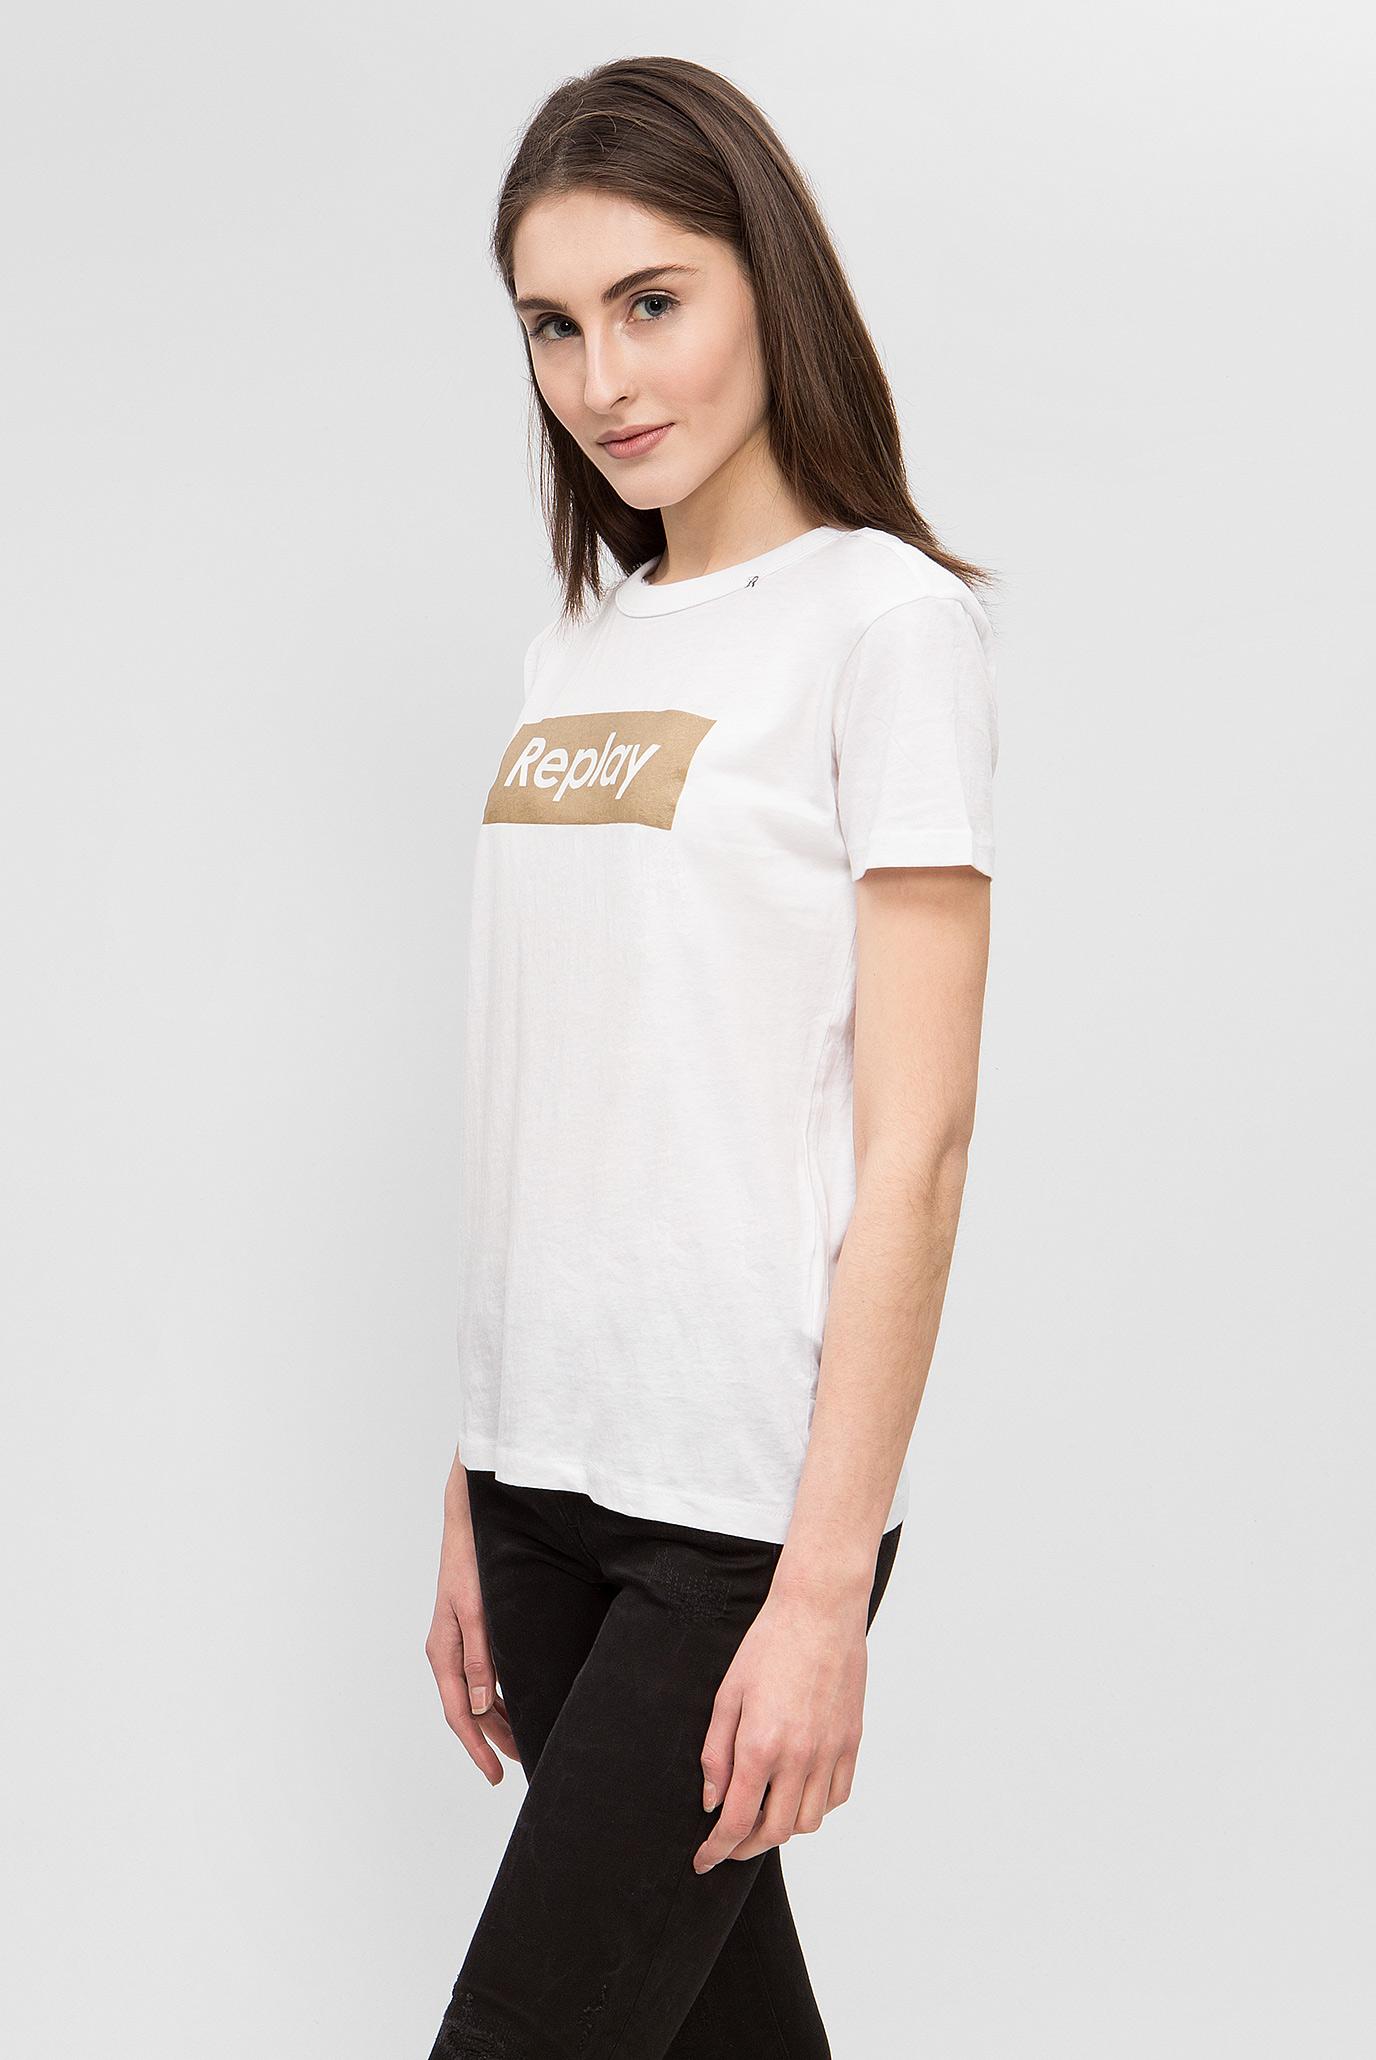 Купить Женская белая футболка с принтом Replay Replay W3984 .000.20994 – Киев, Украина. Цены в интернет магазине MD Fashion